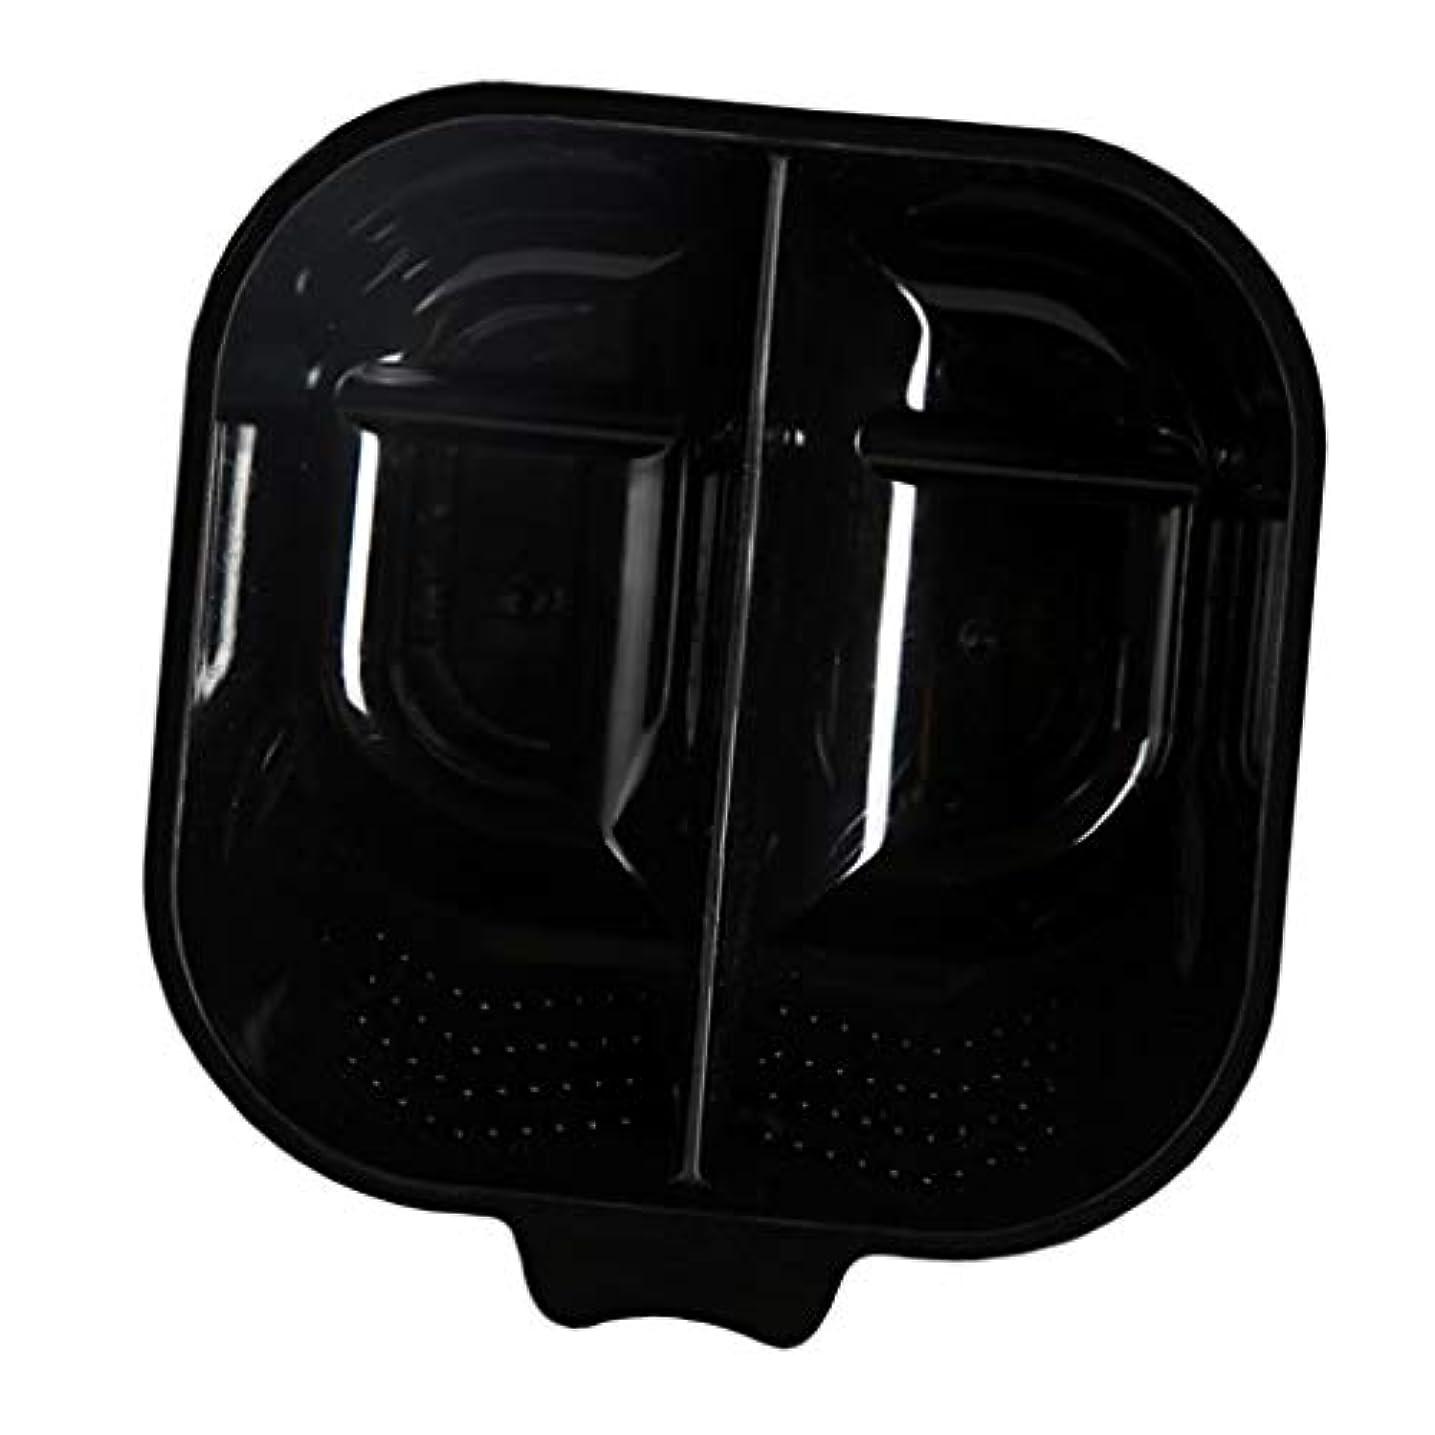 グリルランドマーク優勢ヘアカップ ヘアカラーボウル ヘアダイカップ 染料 混合ボール 滑り止め サロン 自宅 便利 全3色 - ブラック